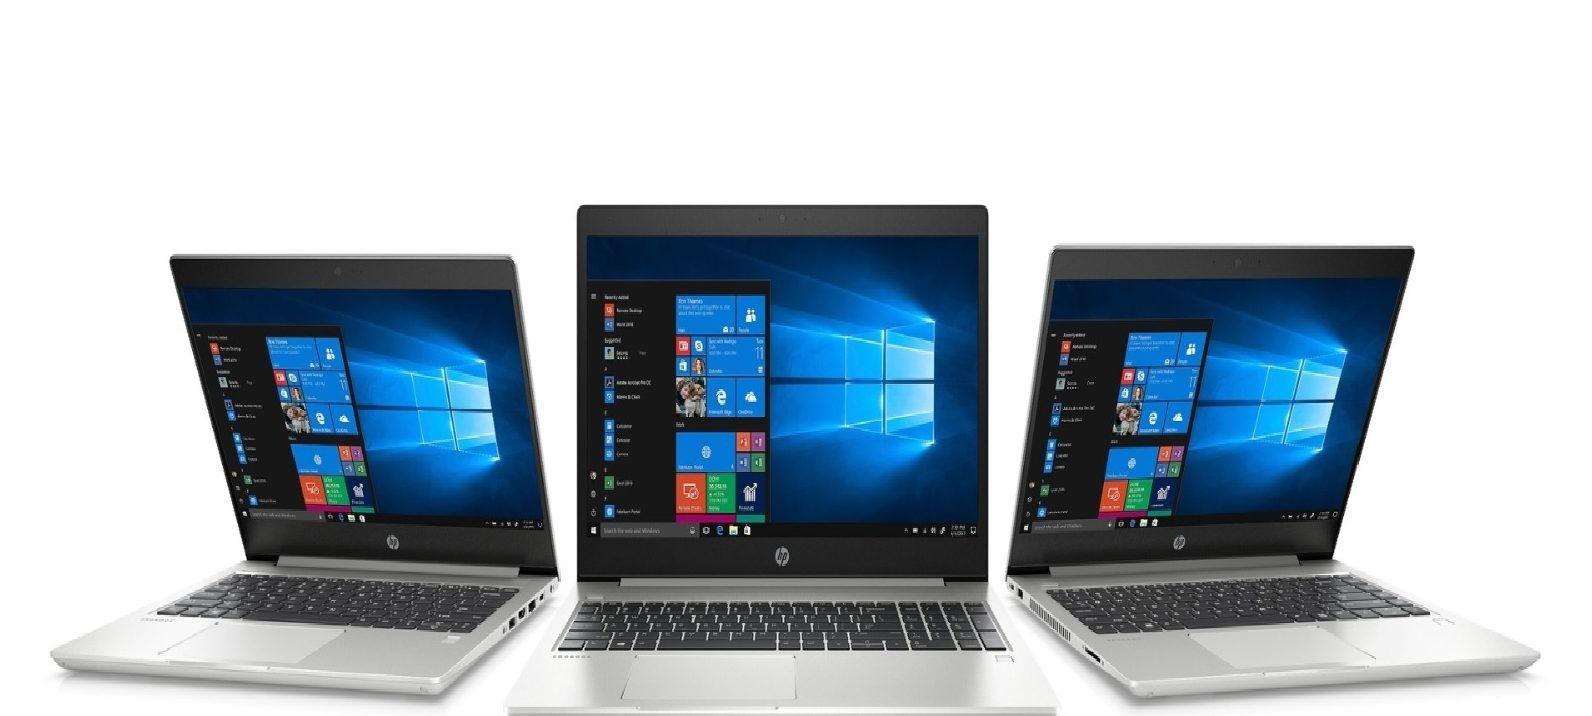 Обзор ноутбуков HP ProBook 430, 440, 450 G6: Отличный выбор для профессионалов